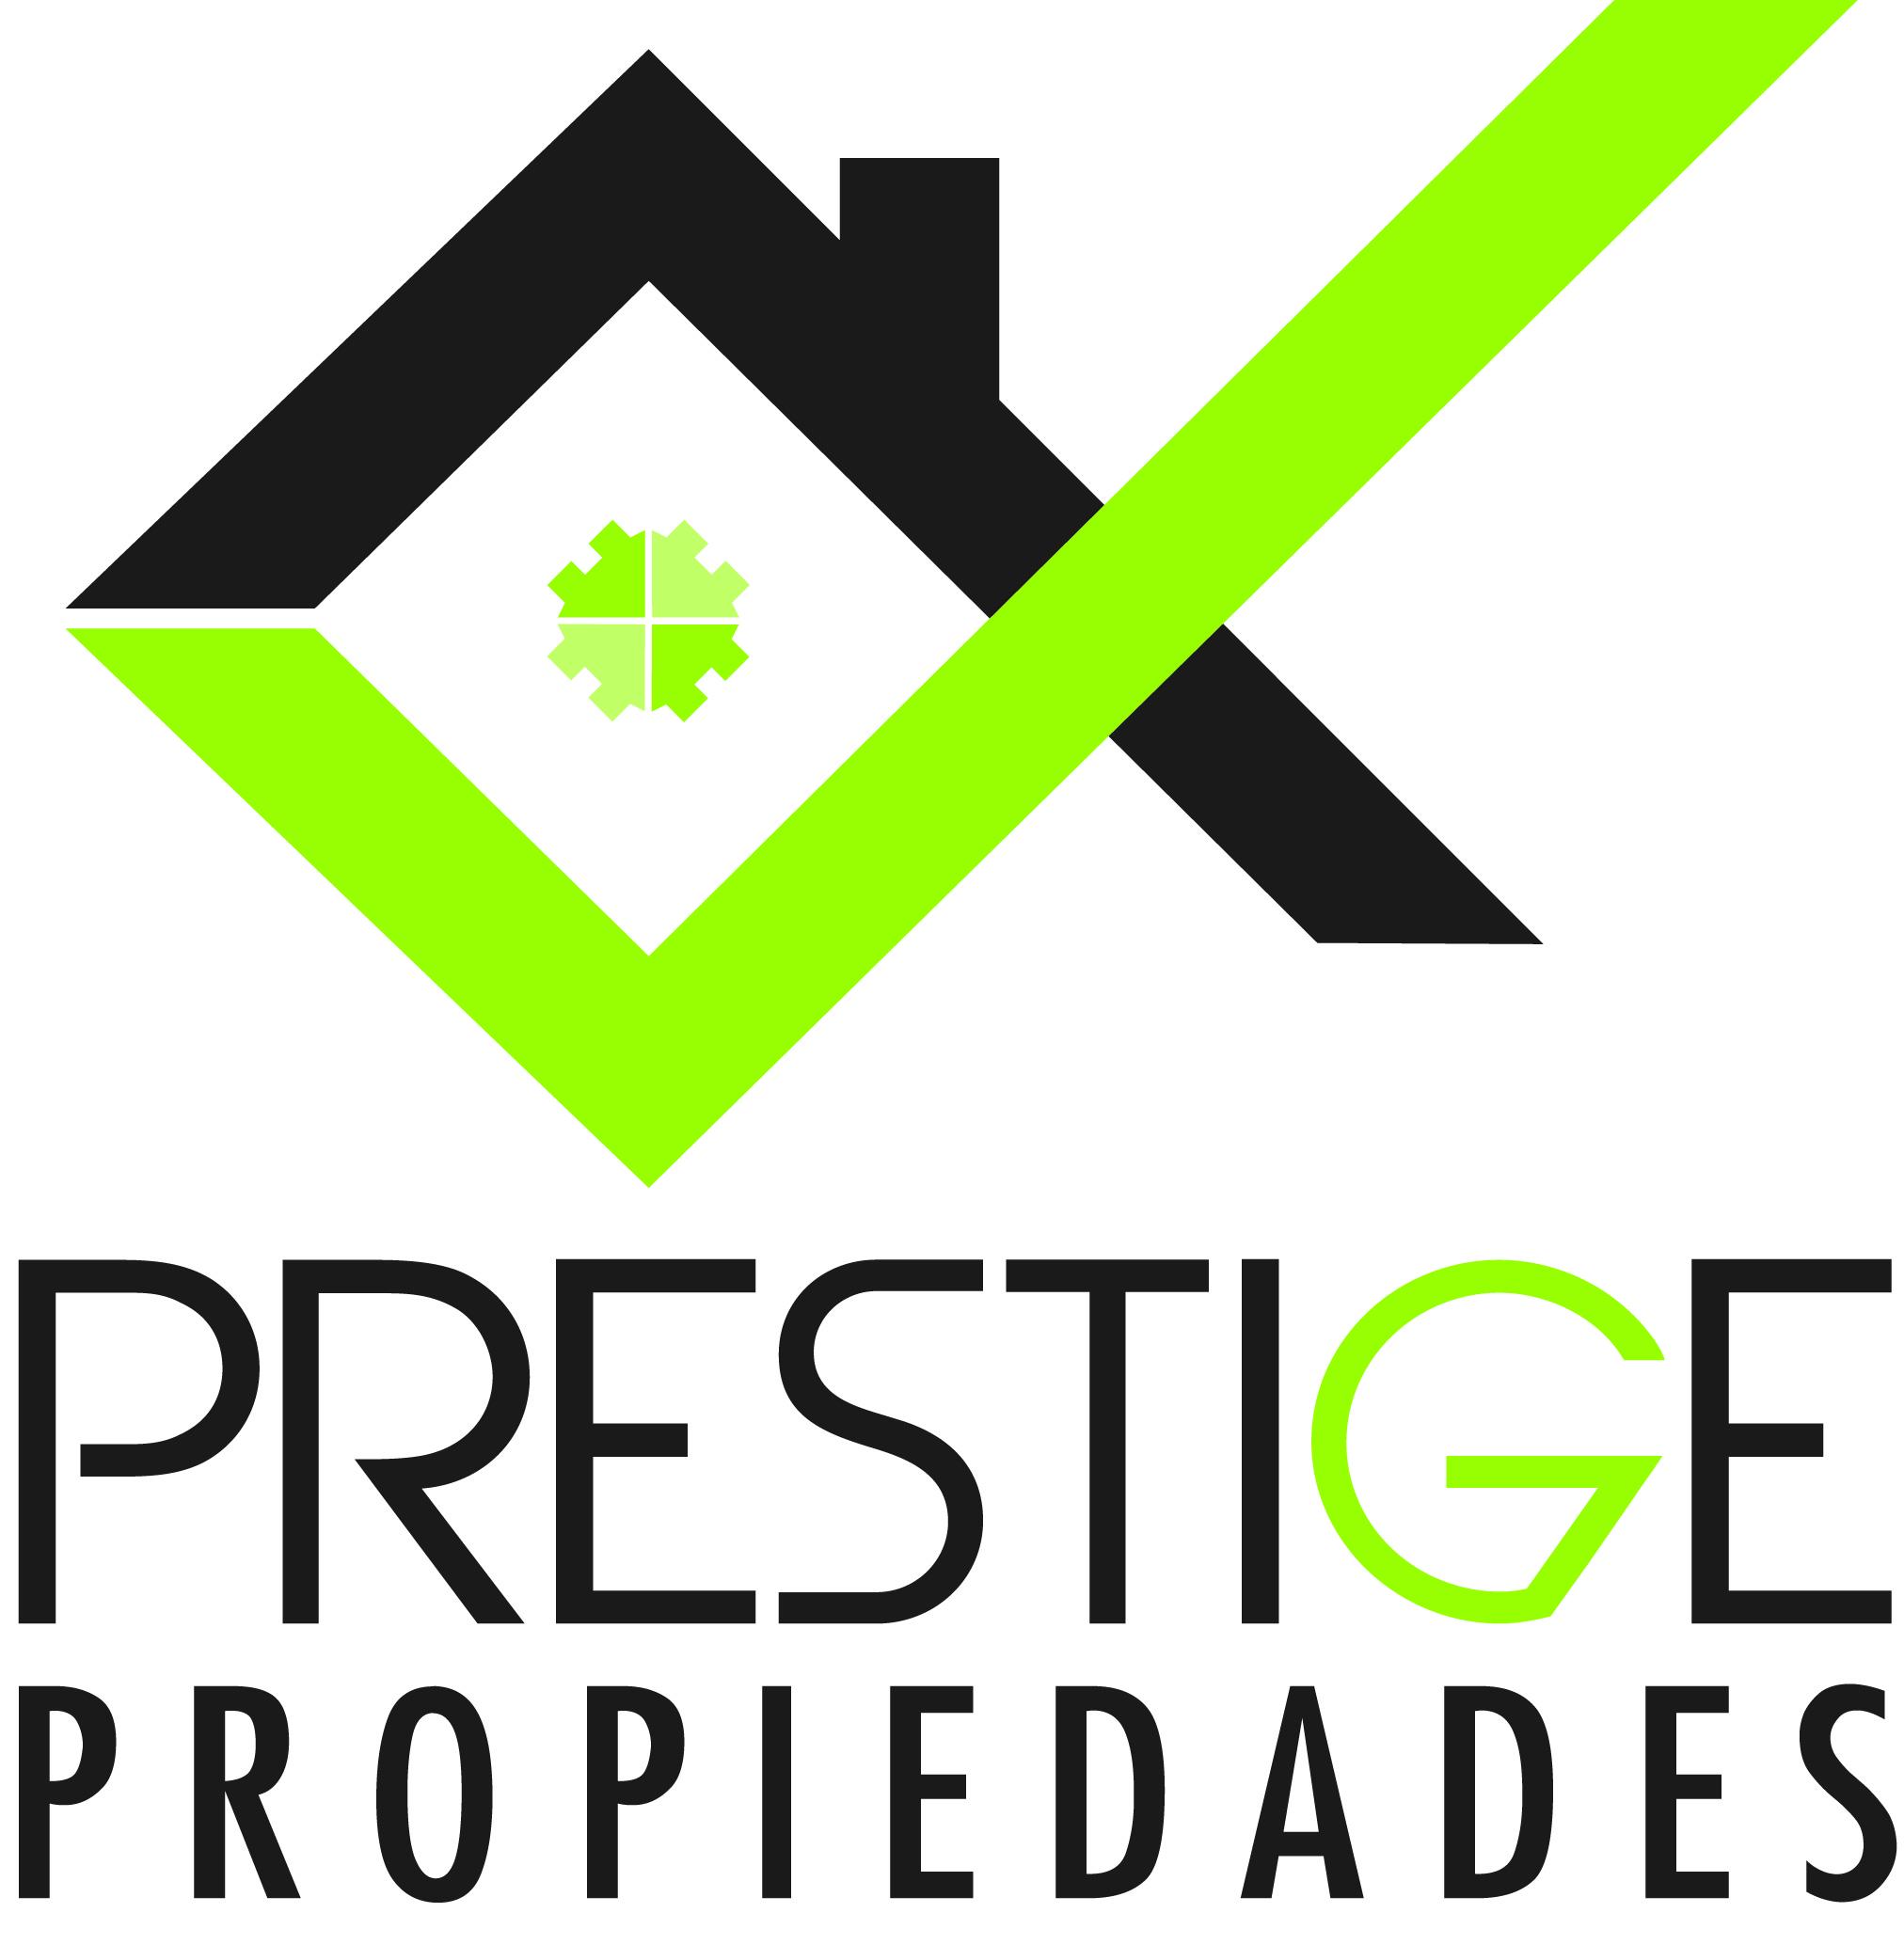 PRESTIGE PROPIEDADES